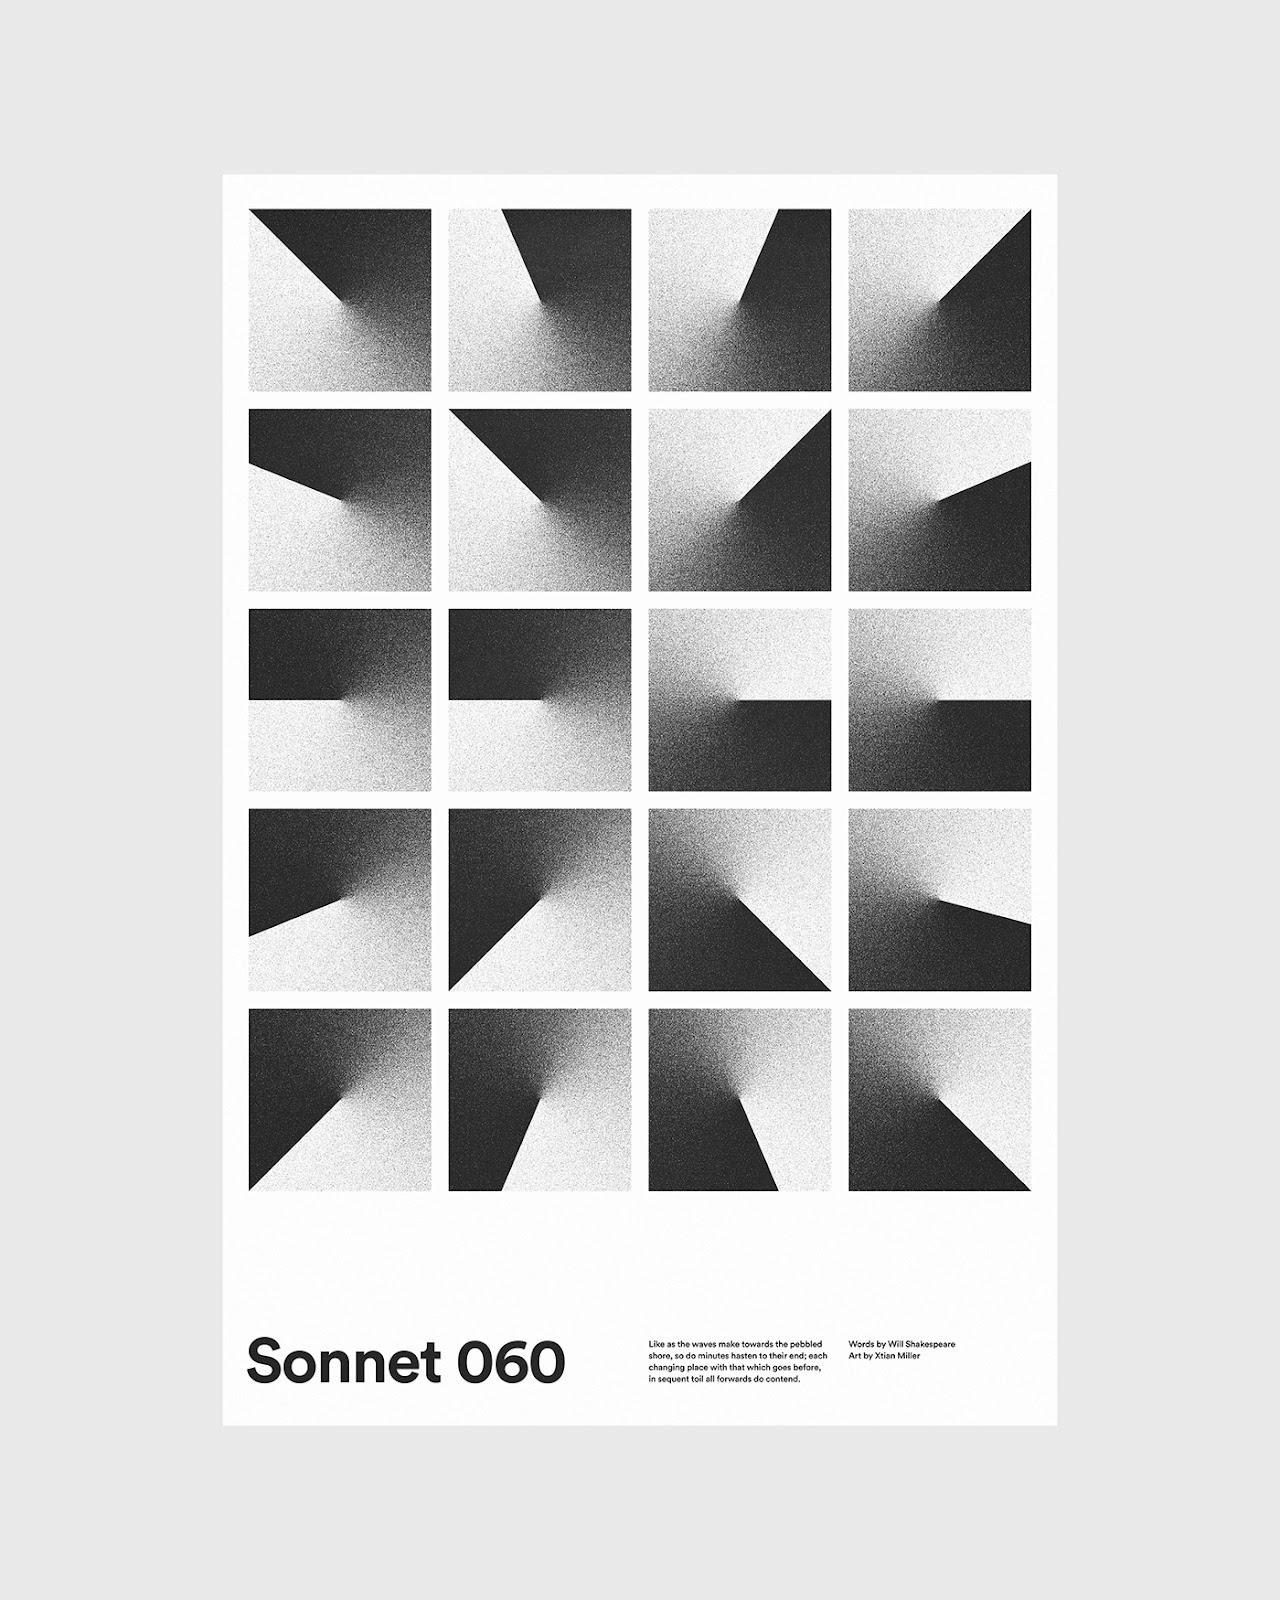 Sonnet 060